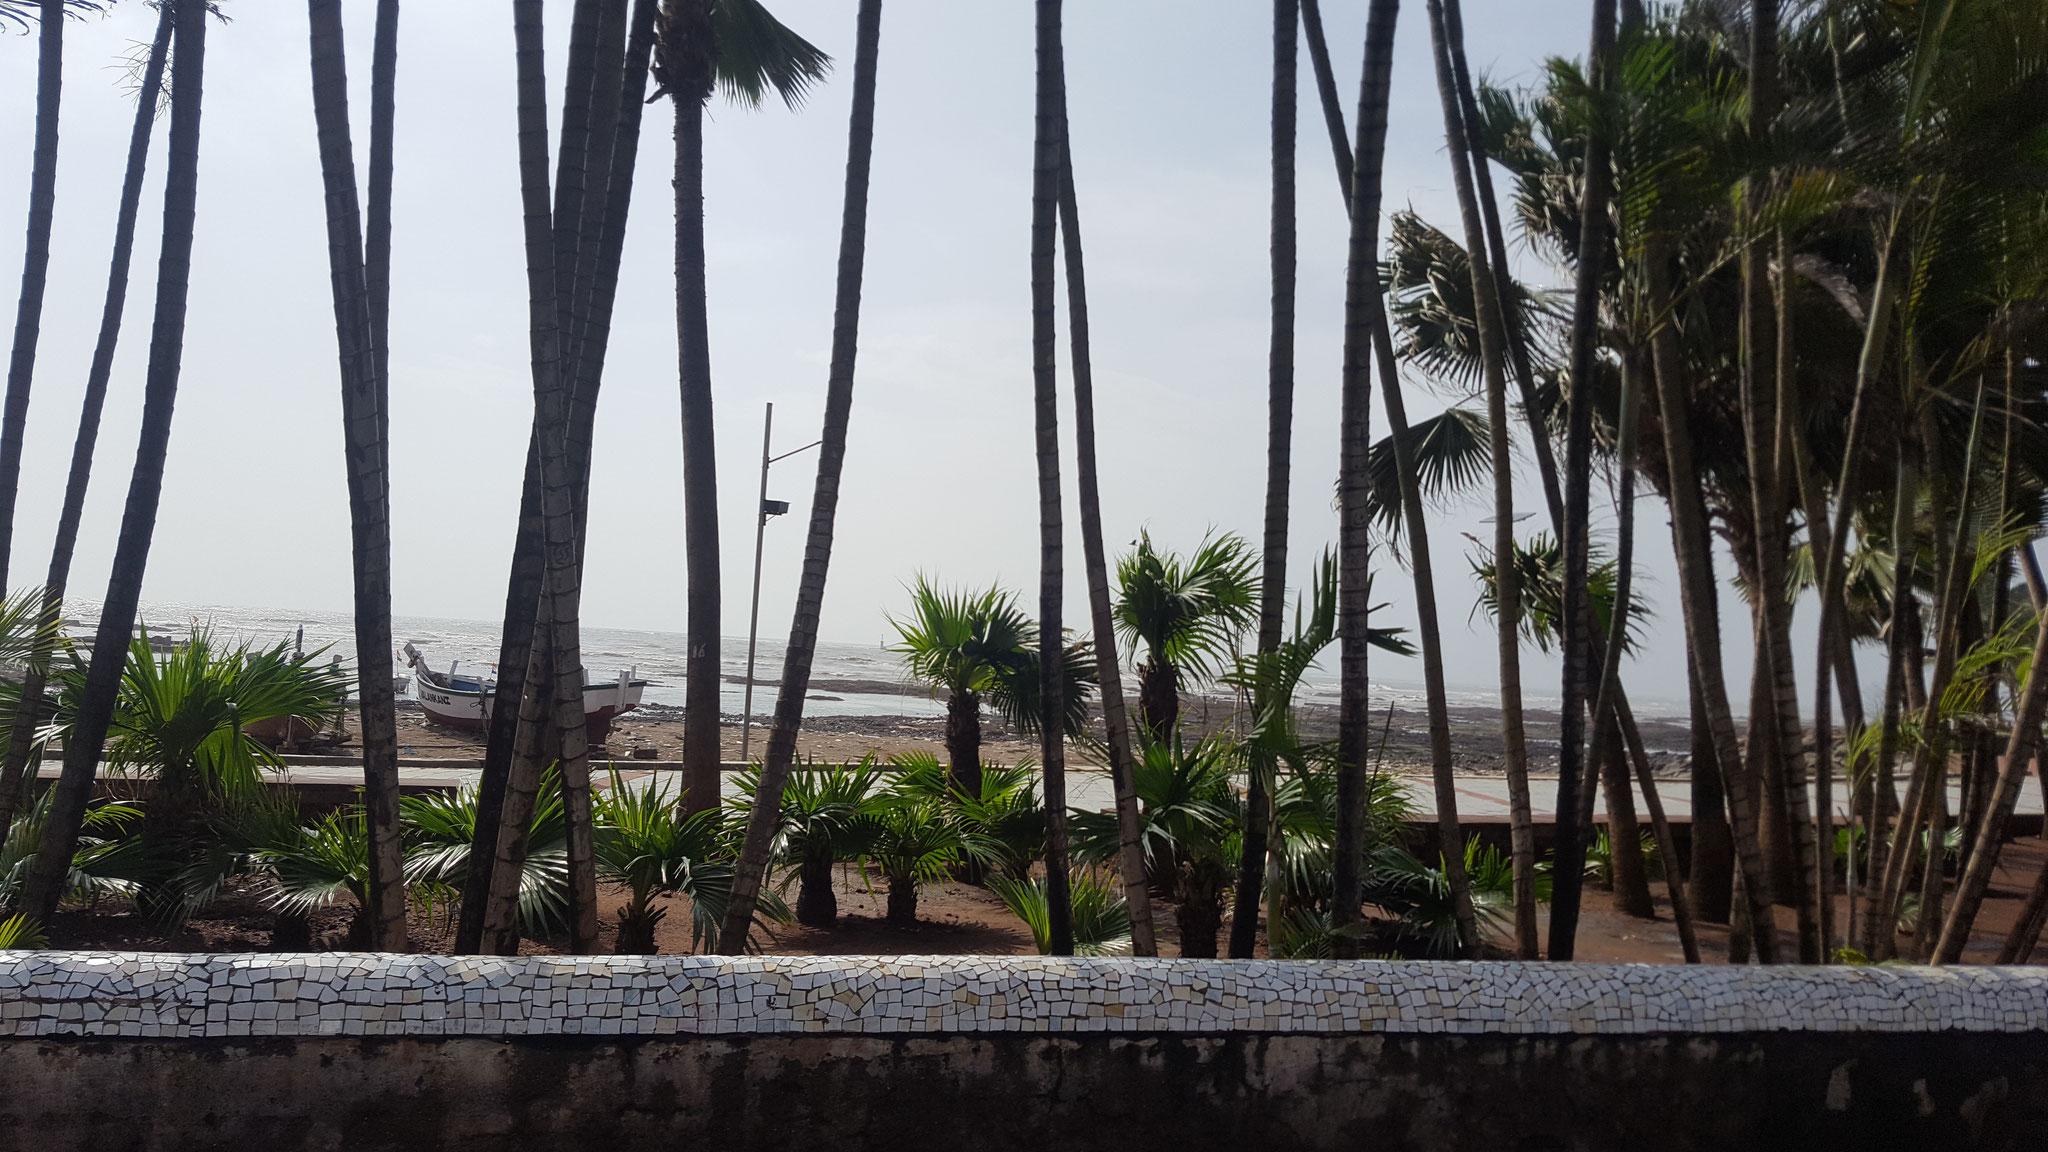 Arabisches Meer, Bandra, Mumbai, unmittelbare Nachbarschaft